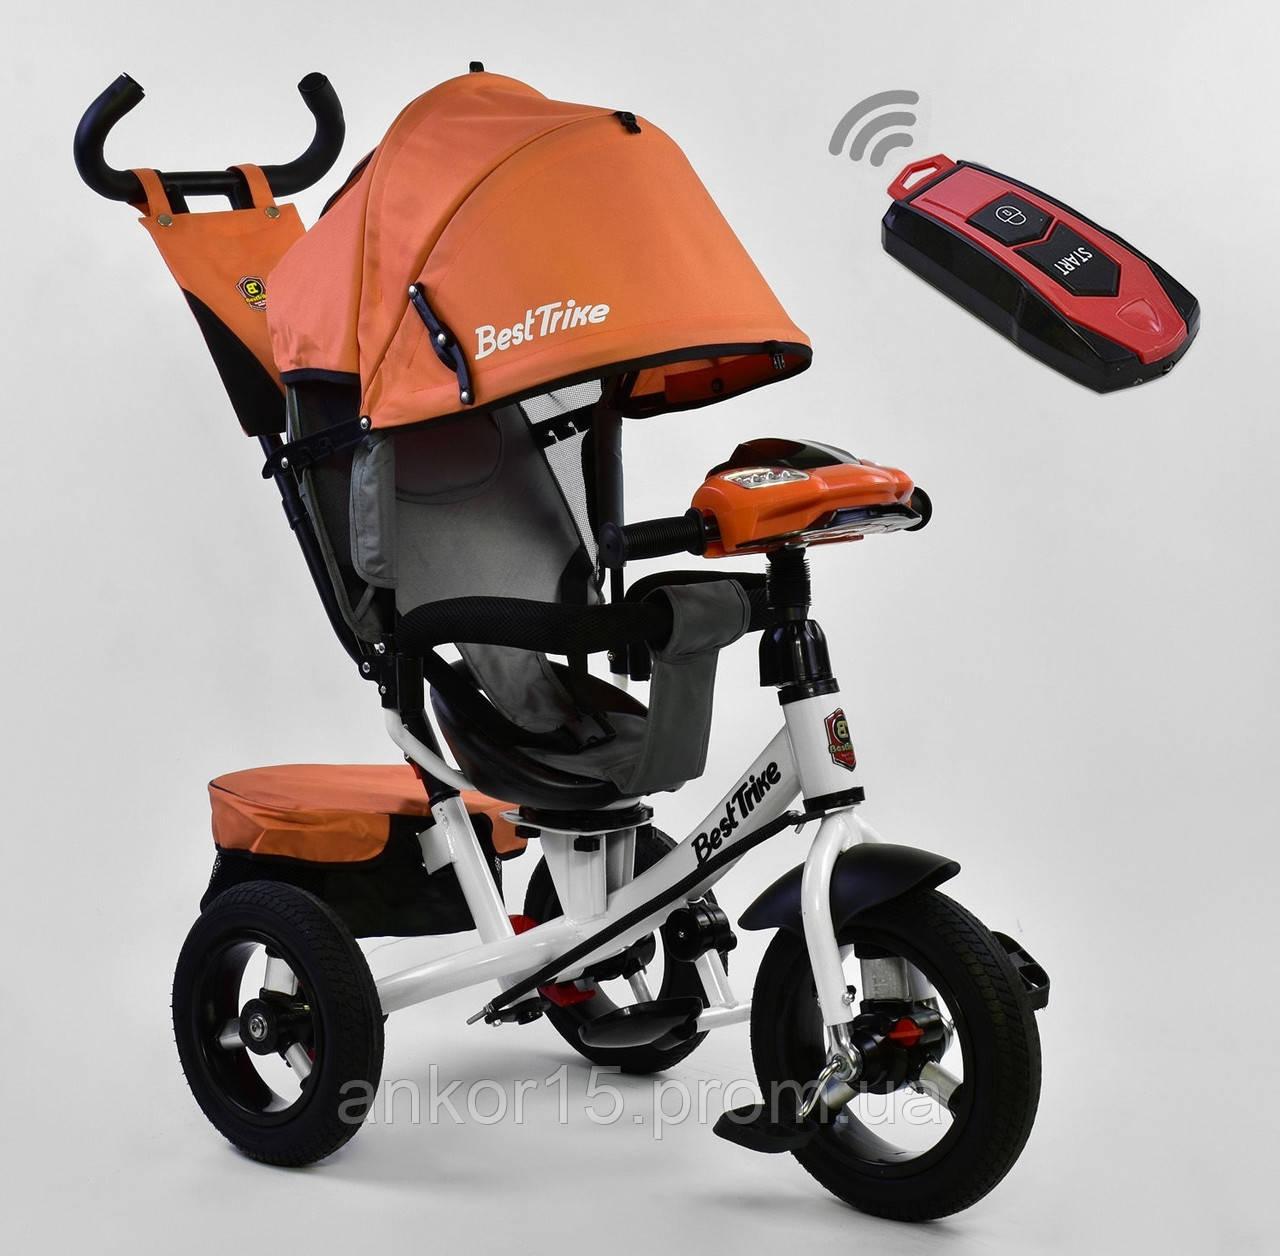 Детский трехколесный велосипед 7700-B-6090 Best Trike